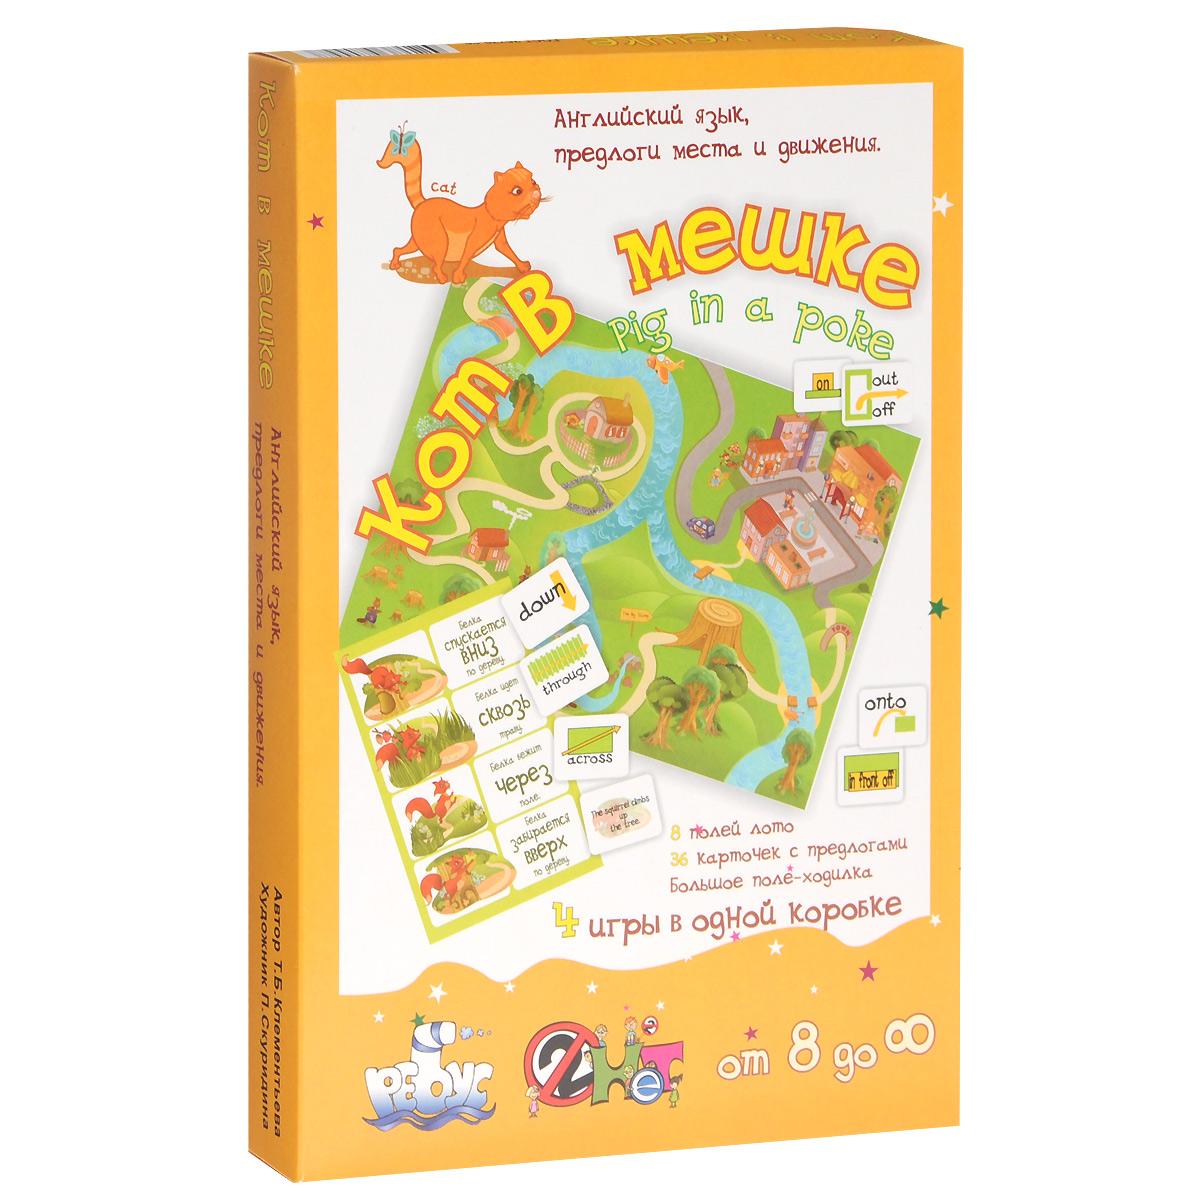 Английский язык, предлоги места и движения. Кот в мешке (набор из 8 полей лото, 36 карточек, поля-ходилки)12296407В набор вошли 8 полей лото, 36 карточек с предлогами, поле-ходилка, а также инструкция с описанием 4 вариантов игры. Игра - очень важная составляющая при изучении иностранного языка, позволяет моделировать множество ситуаций, помогает раскрепостить ребенка. Побуждает говорить и слушать. Без предлогов невозможно представить речь ни на русском языке, ни на английском. Объяснить, что где находится, как пройти, откуда и куда движется, помогают предлоги места и движения, иногда туда добавляются наречия и другие вспомогательные слова. Наглядность поможет провести аналогии и различия между похожими предлогами. Вариативность игры позволит играть долго, использовать предлоги в разных предложениях. Размер поля лото: 14 см х 22 см. Средний размер маленькой карточки: 6.5 см х 5 см.